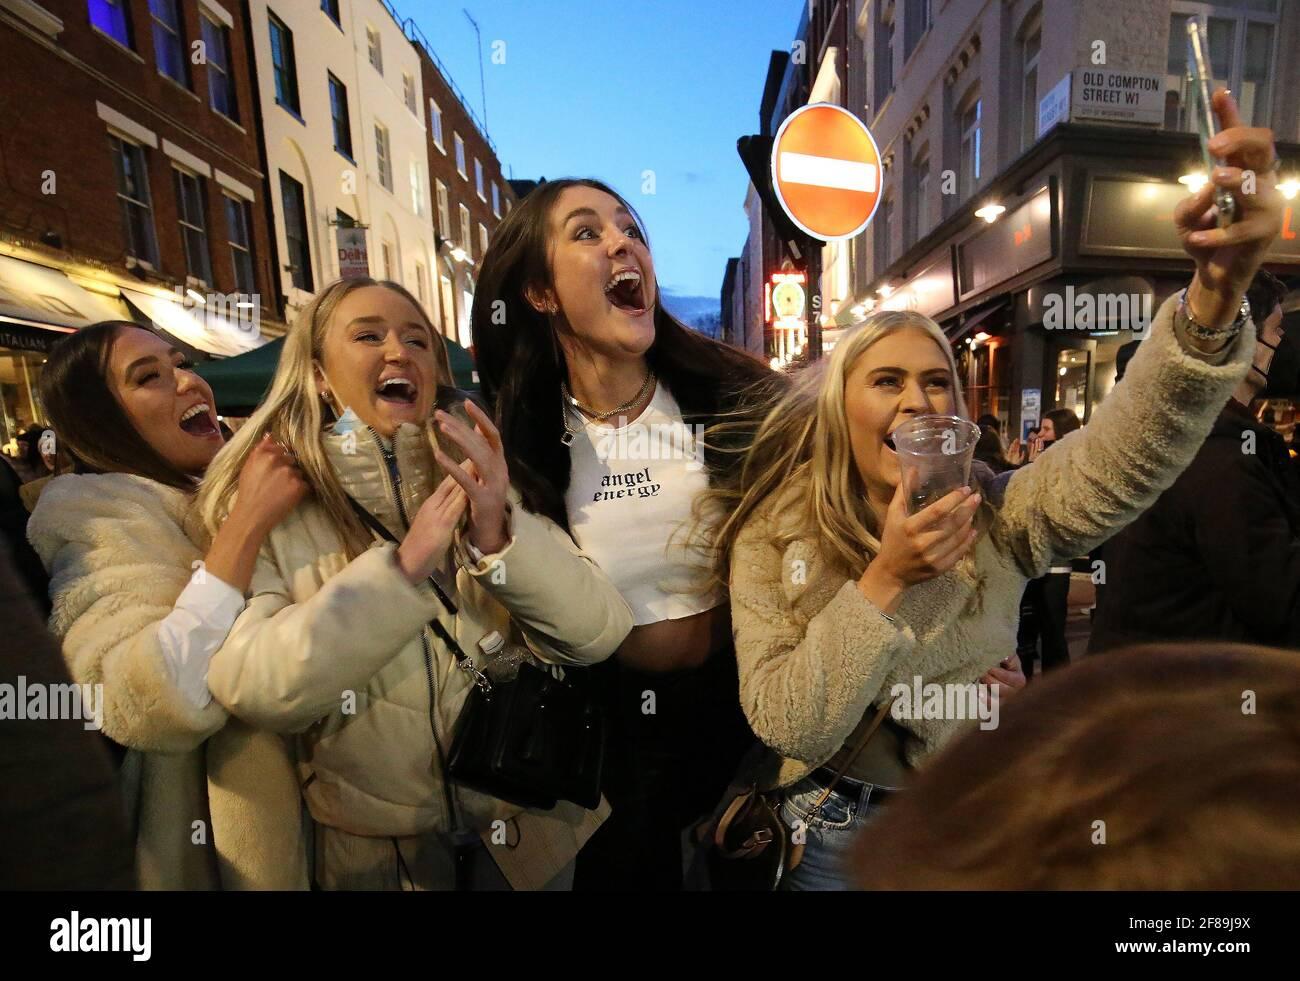 La gente celebra estar fuera por la noche en Old Compton Street, Soho, en el centro de Londres, donde las calles se han cerrado al tráfico para crear zonas de estar al aire libre para los bares y restaurantes de reapertura, ya que Inglaterra da un paso más hacia la normalidad con la mayor relajación de las restricciones de bloqueo. Fecha de la foto: Lunes 12 de abril de 2021. Foto de stock